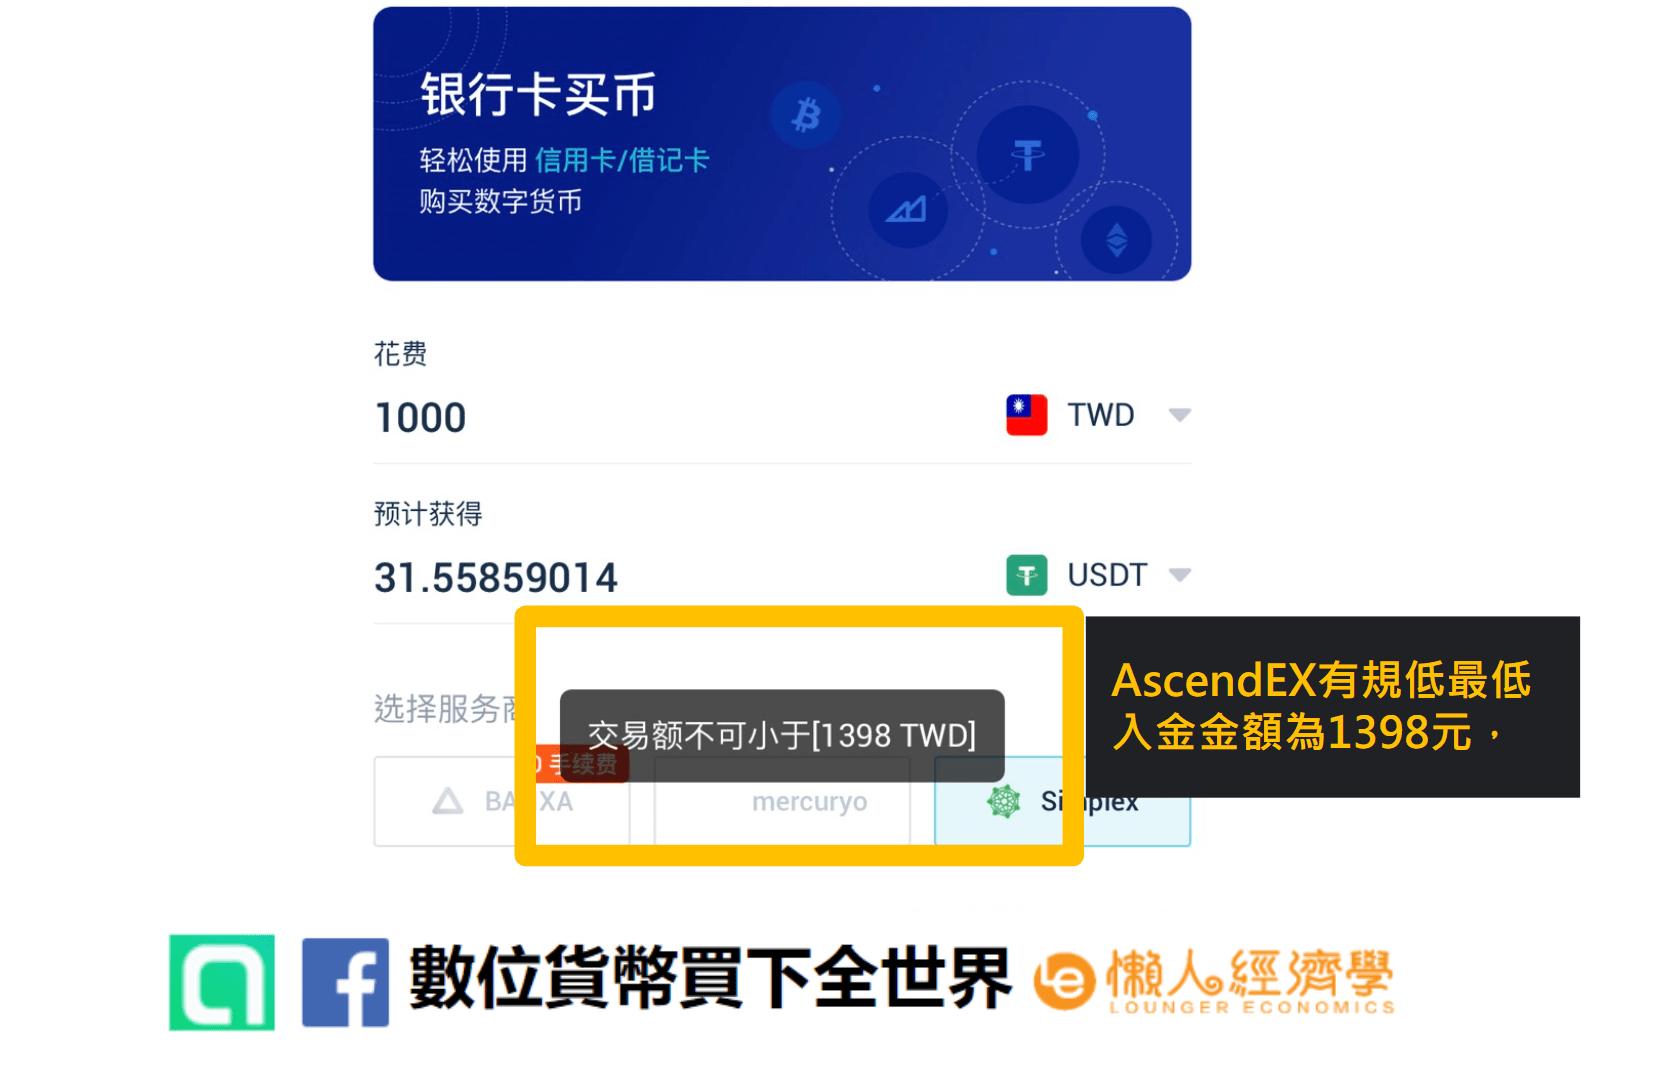 AscendEX法幣入金教學:AscendEX最低入金金額限制為1398元